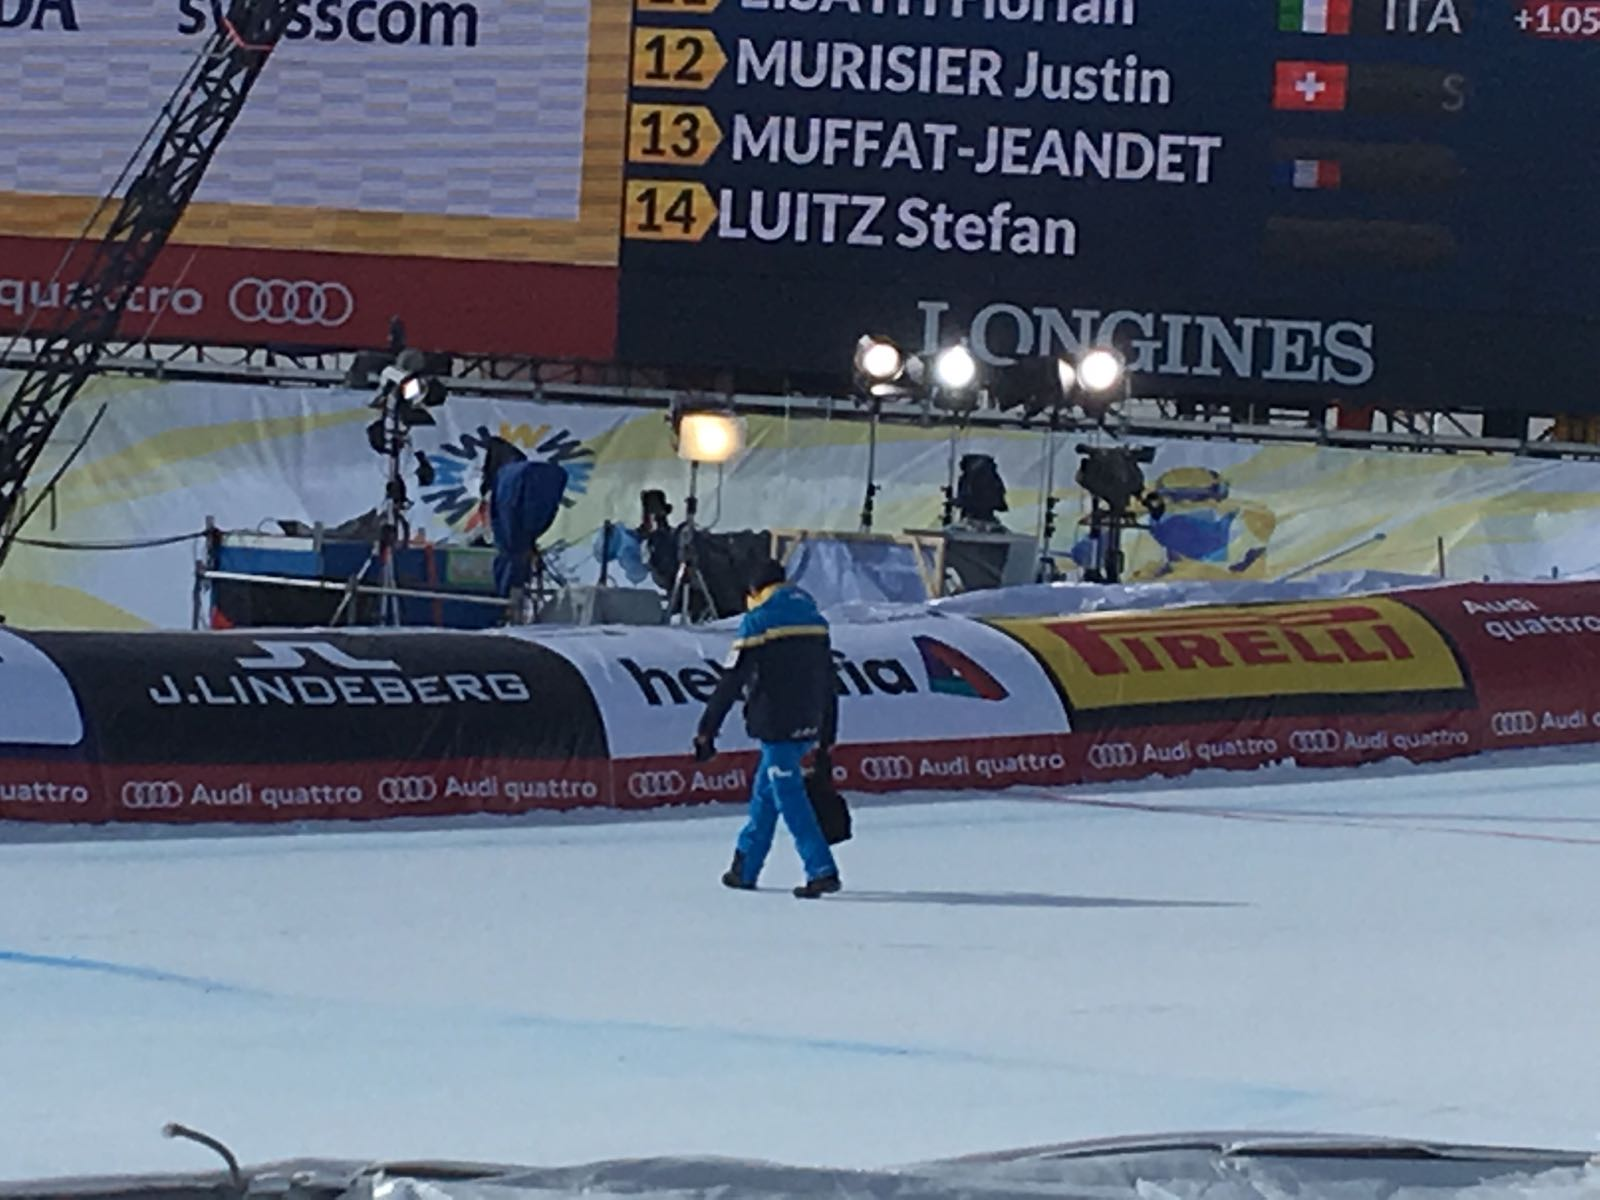 Gefährlicher Zwischenfall bei Ski-WM